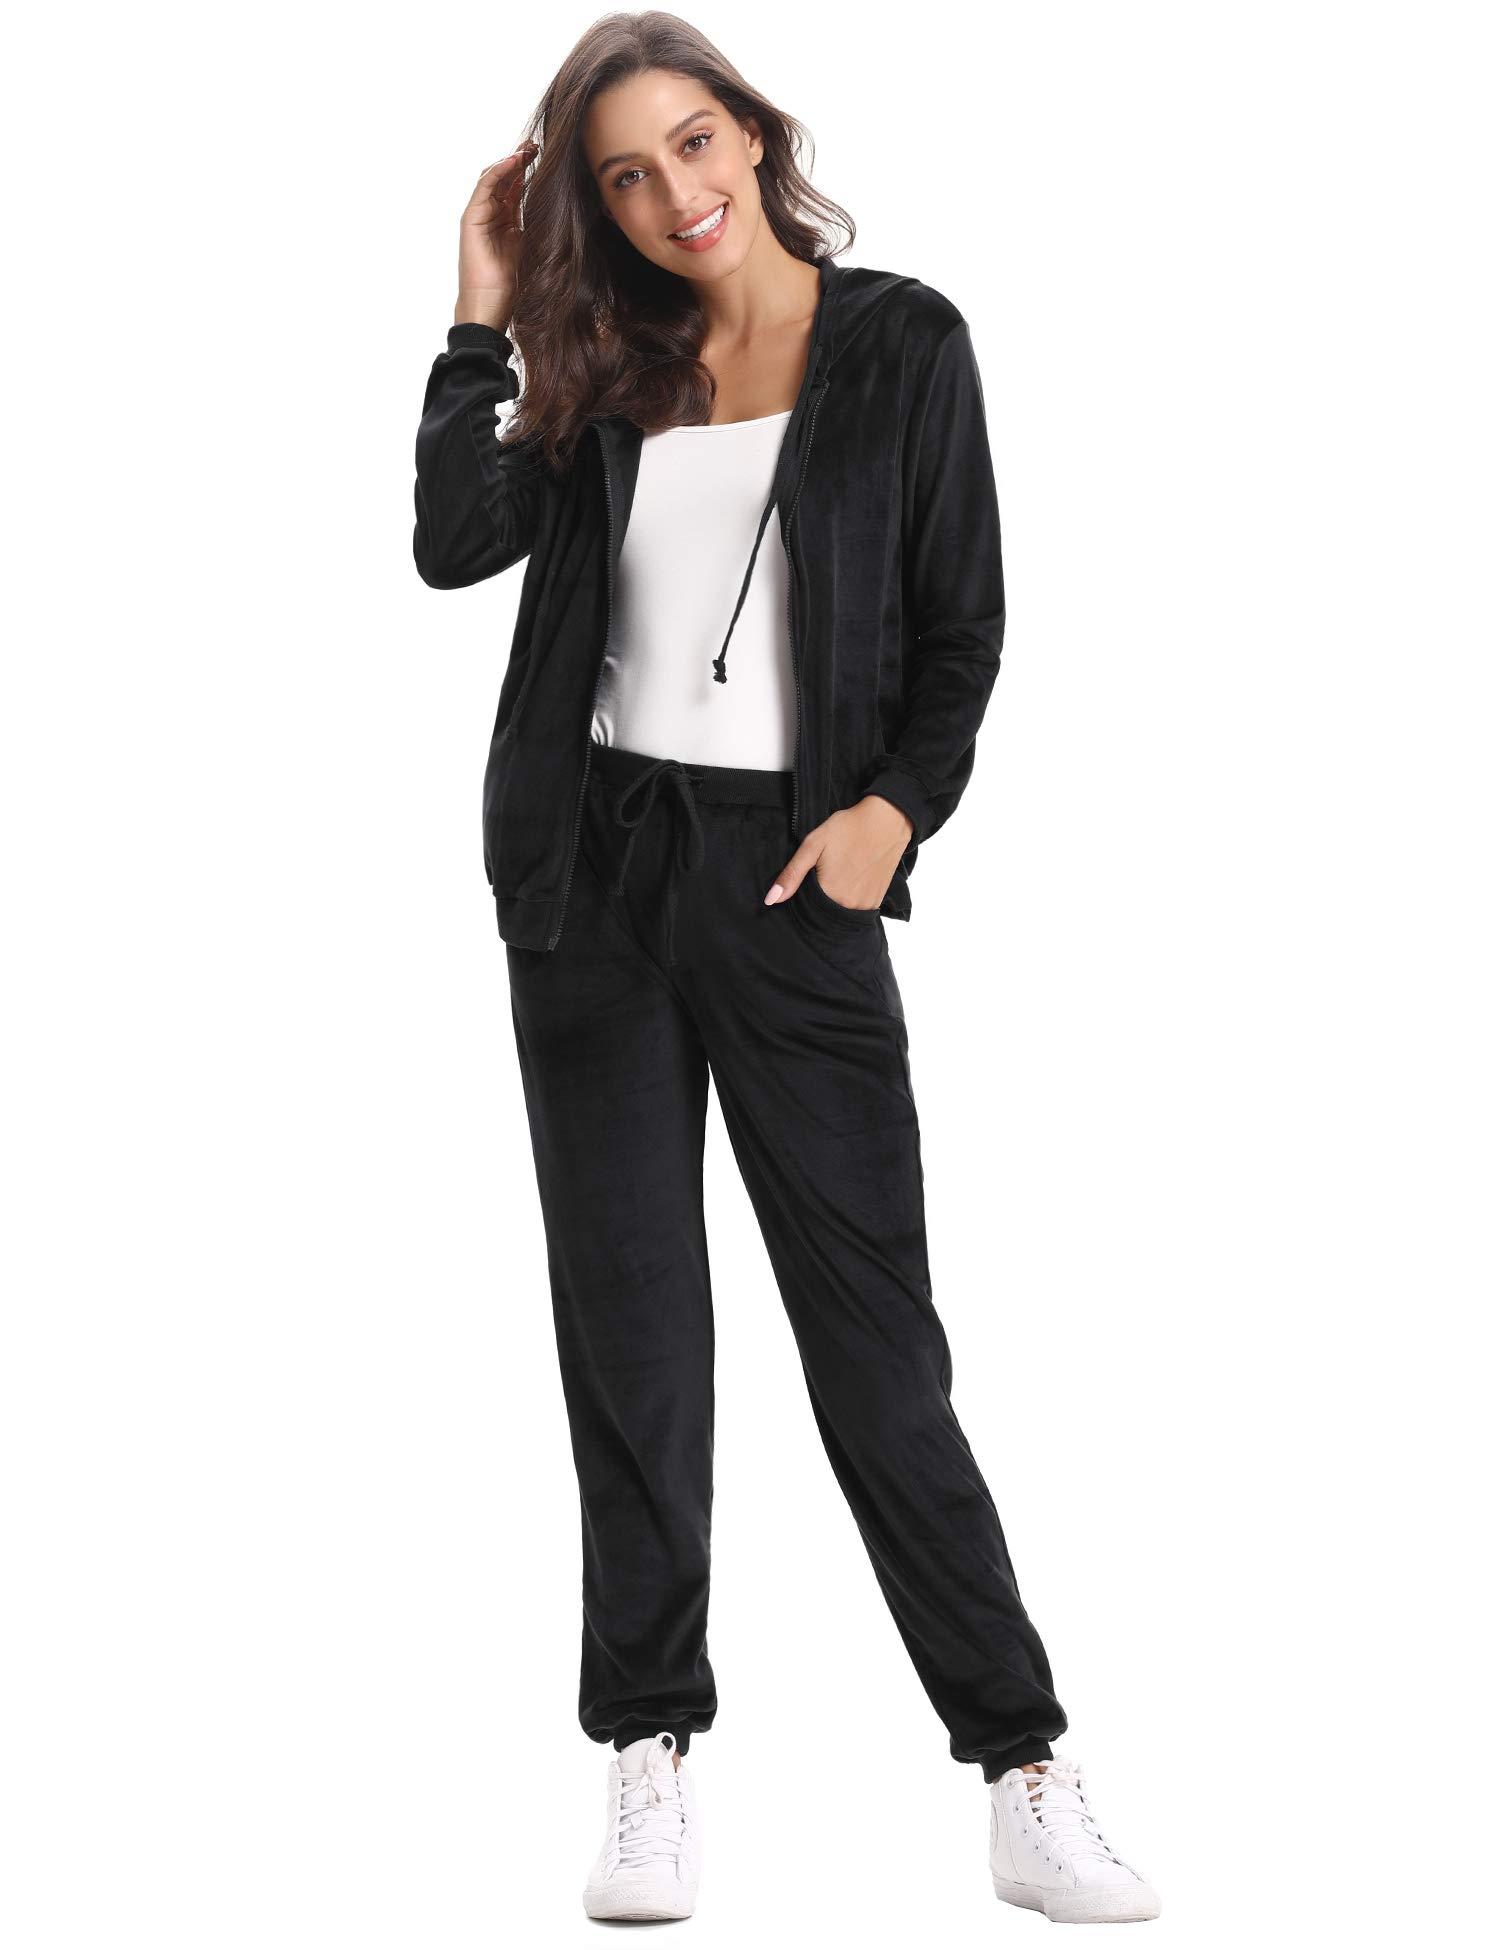 Abollria Survêtement Femme Ensembles Sportswear Sweat Capuche Suit Zipper  Pull à Capuche avec Poches Casual Jogging Pyjama d intérieur Tenue  Confortable ... e294ab6f51a